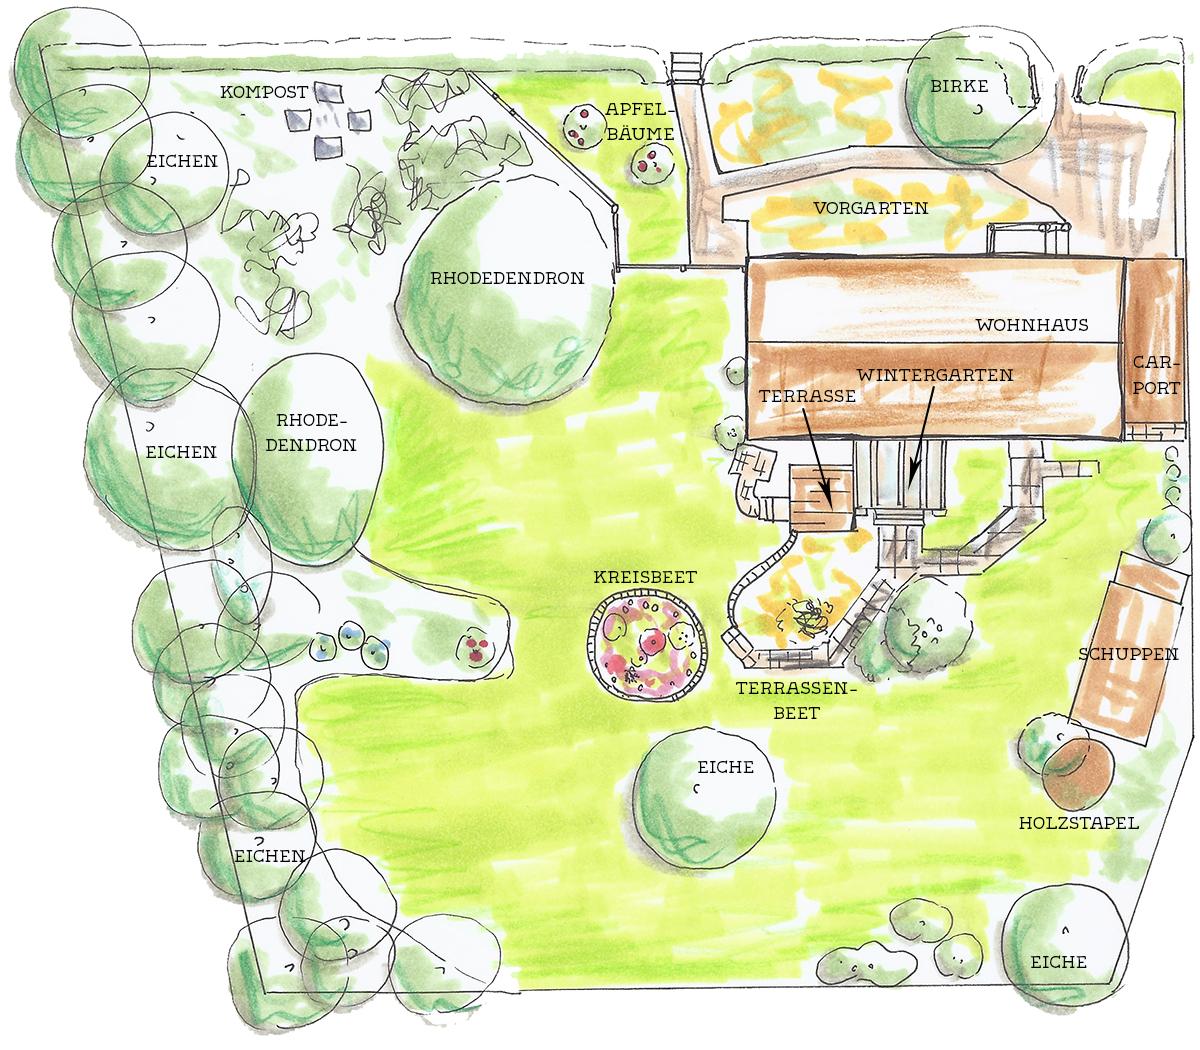 Gartenplan  Übersicht verschaffen - Gartenplan zeichnen - Hummelglück